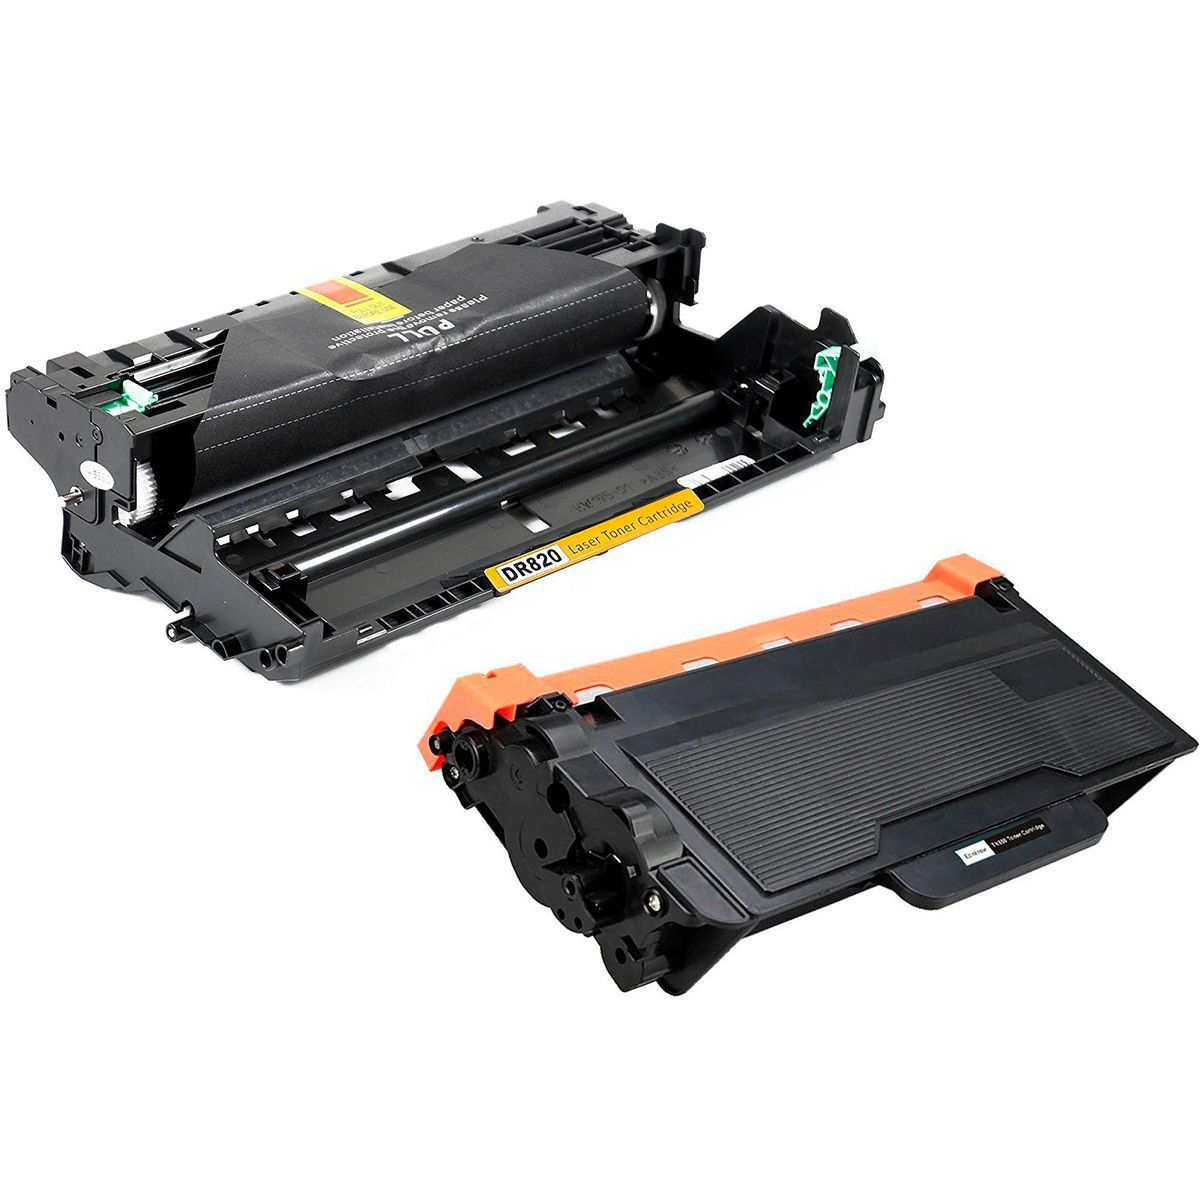 Compatível: Combo Fotocondutor DR-3440 + Toner TN-3472 TN-880 para Brother L5652dn L5202dw L6202dw L6402dw L5602dn